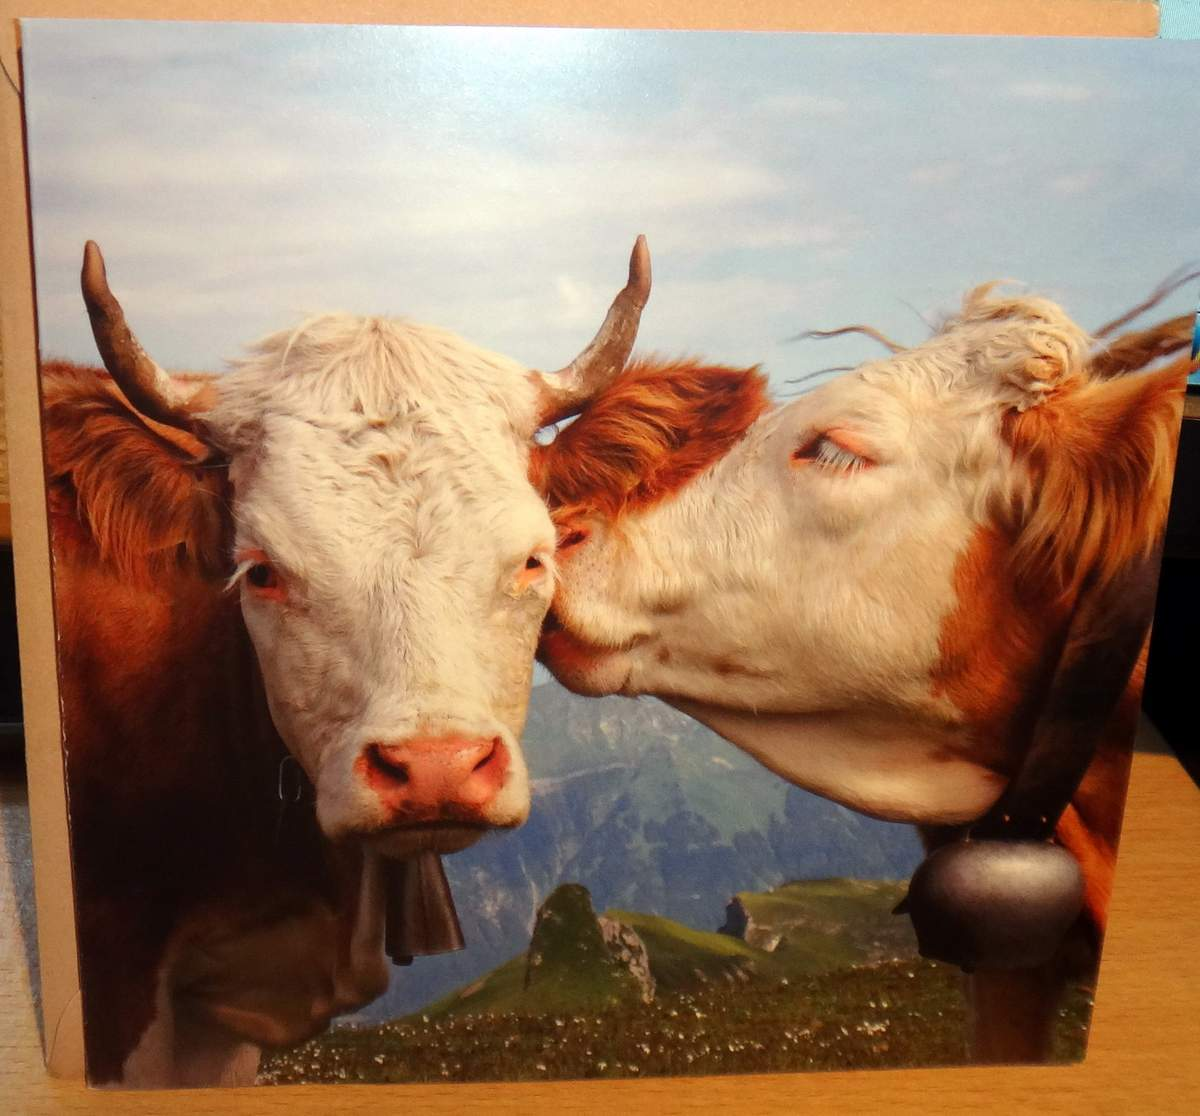 Goodbye card from friends in Switzerland